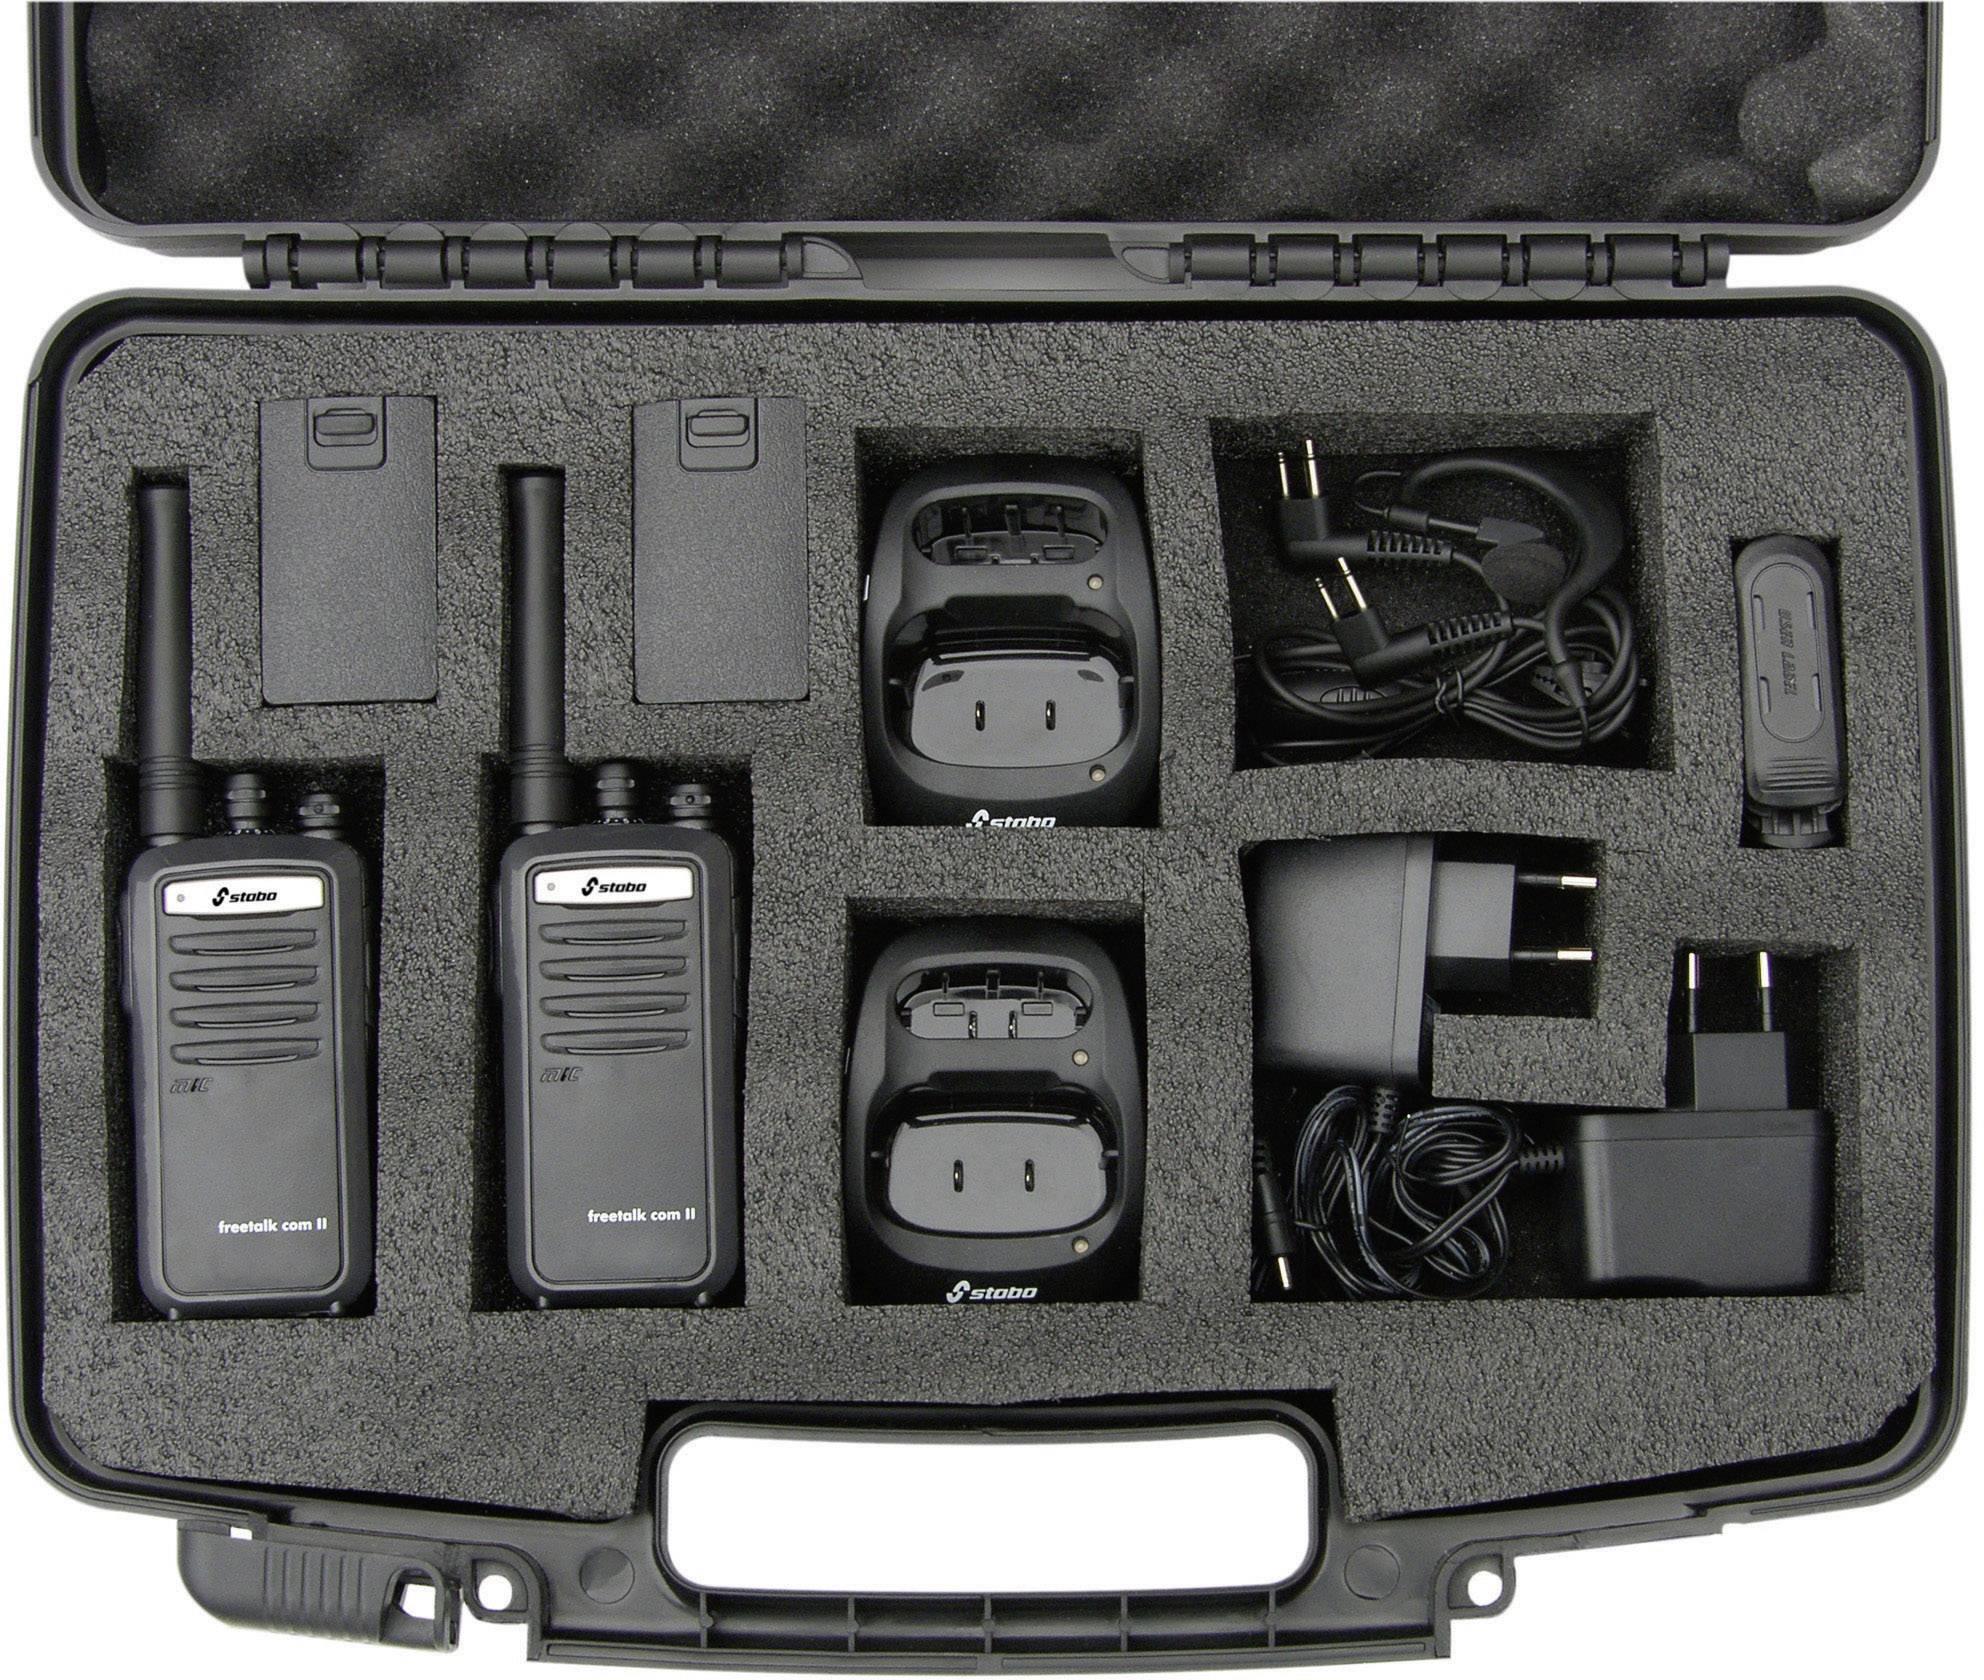 PMR rádiostanica Stabo Freetalk Com II, sada 2 ks v kufríku